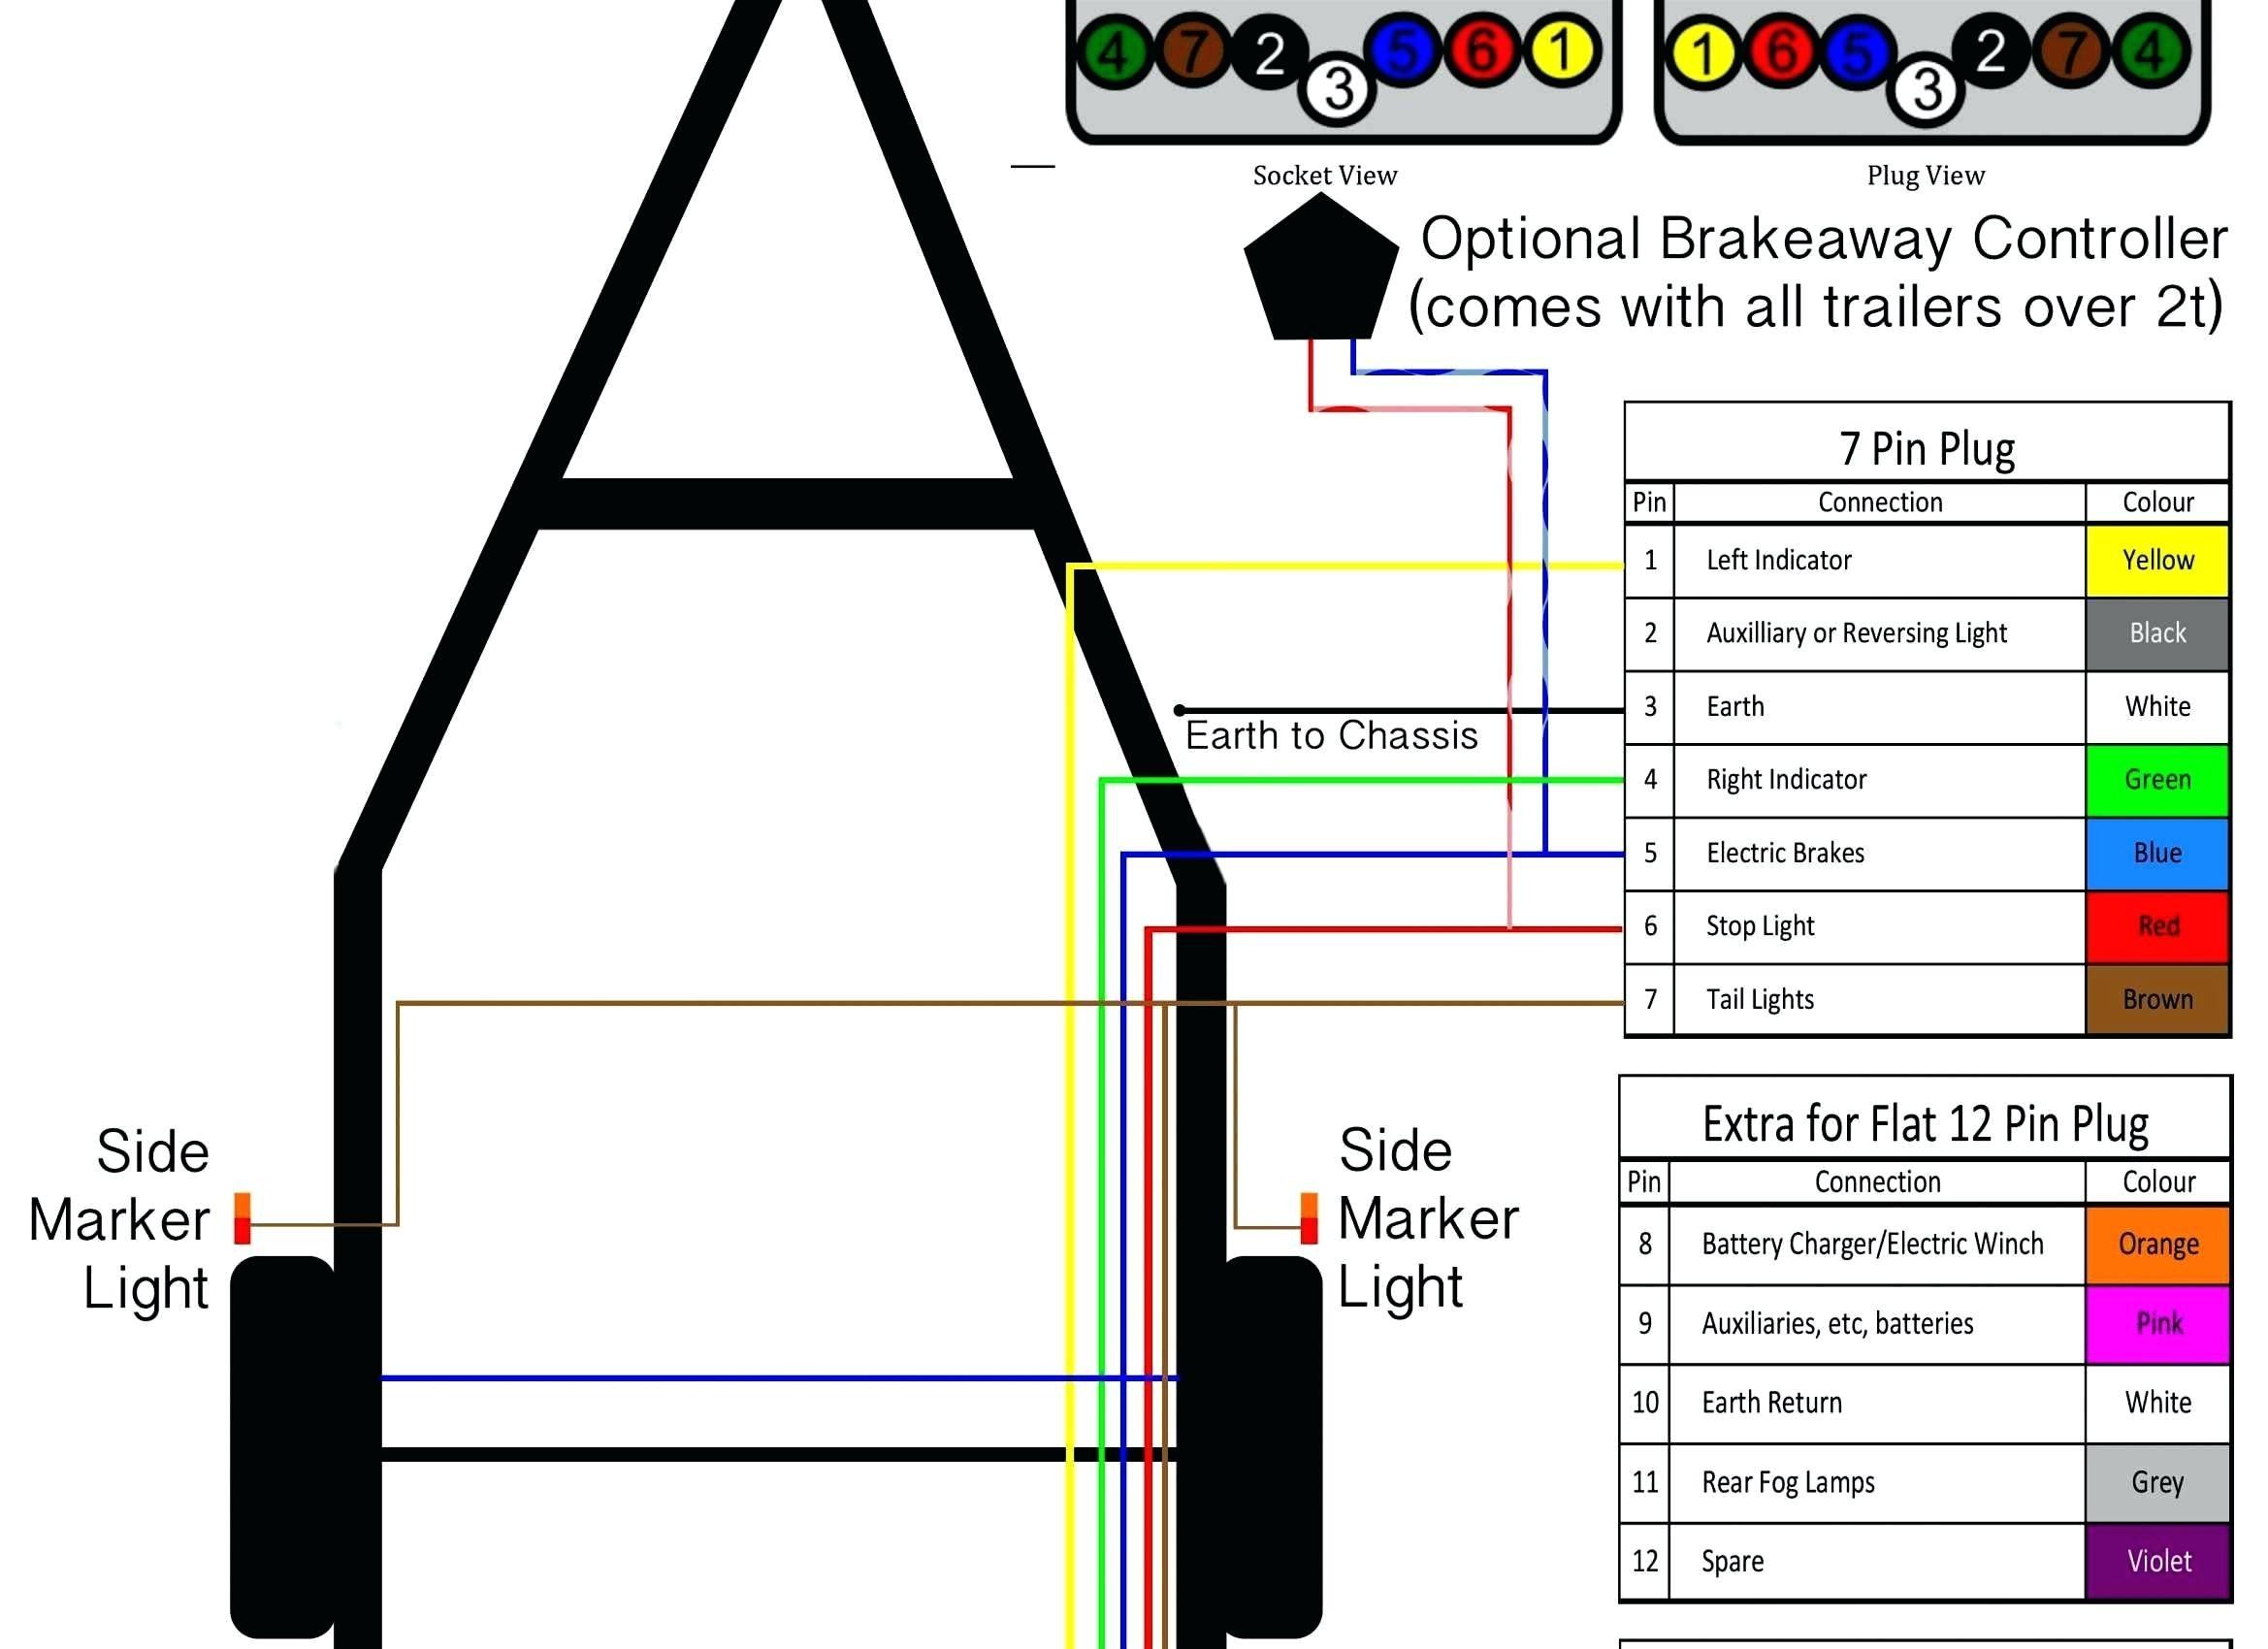 Trailer 7 Pin Wiring Diagram Pj Trailer Wiring Diagram Car 6 Way Plug Best 7 Round Wir Of Trailer 7 Pin Wiring Diagram